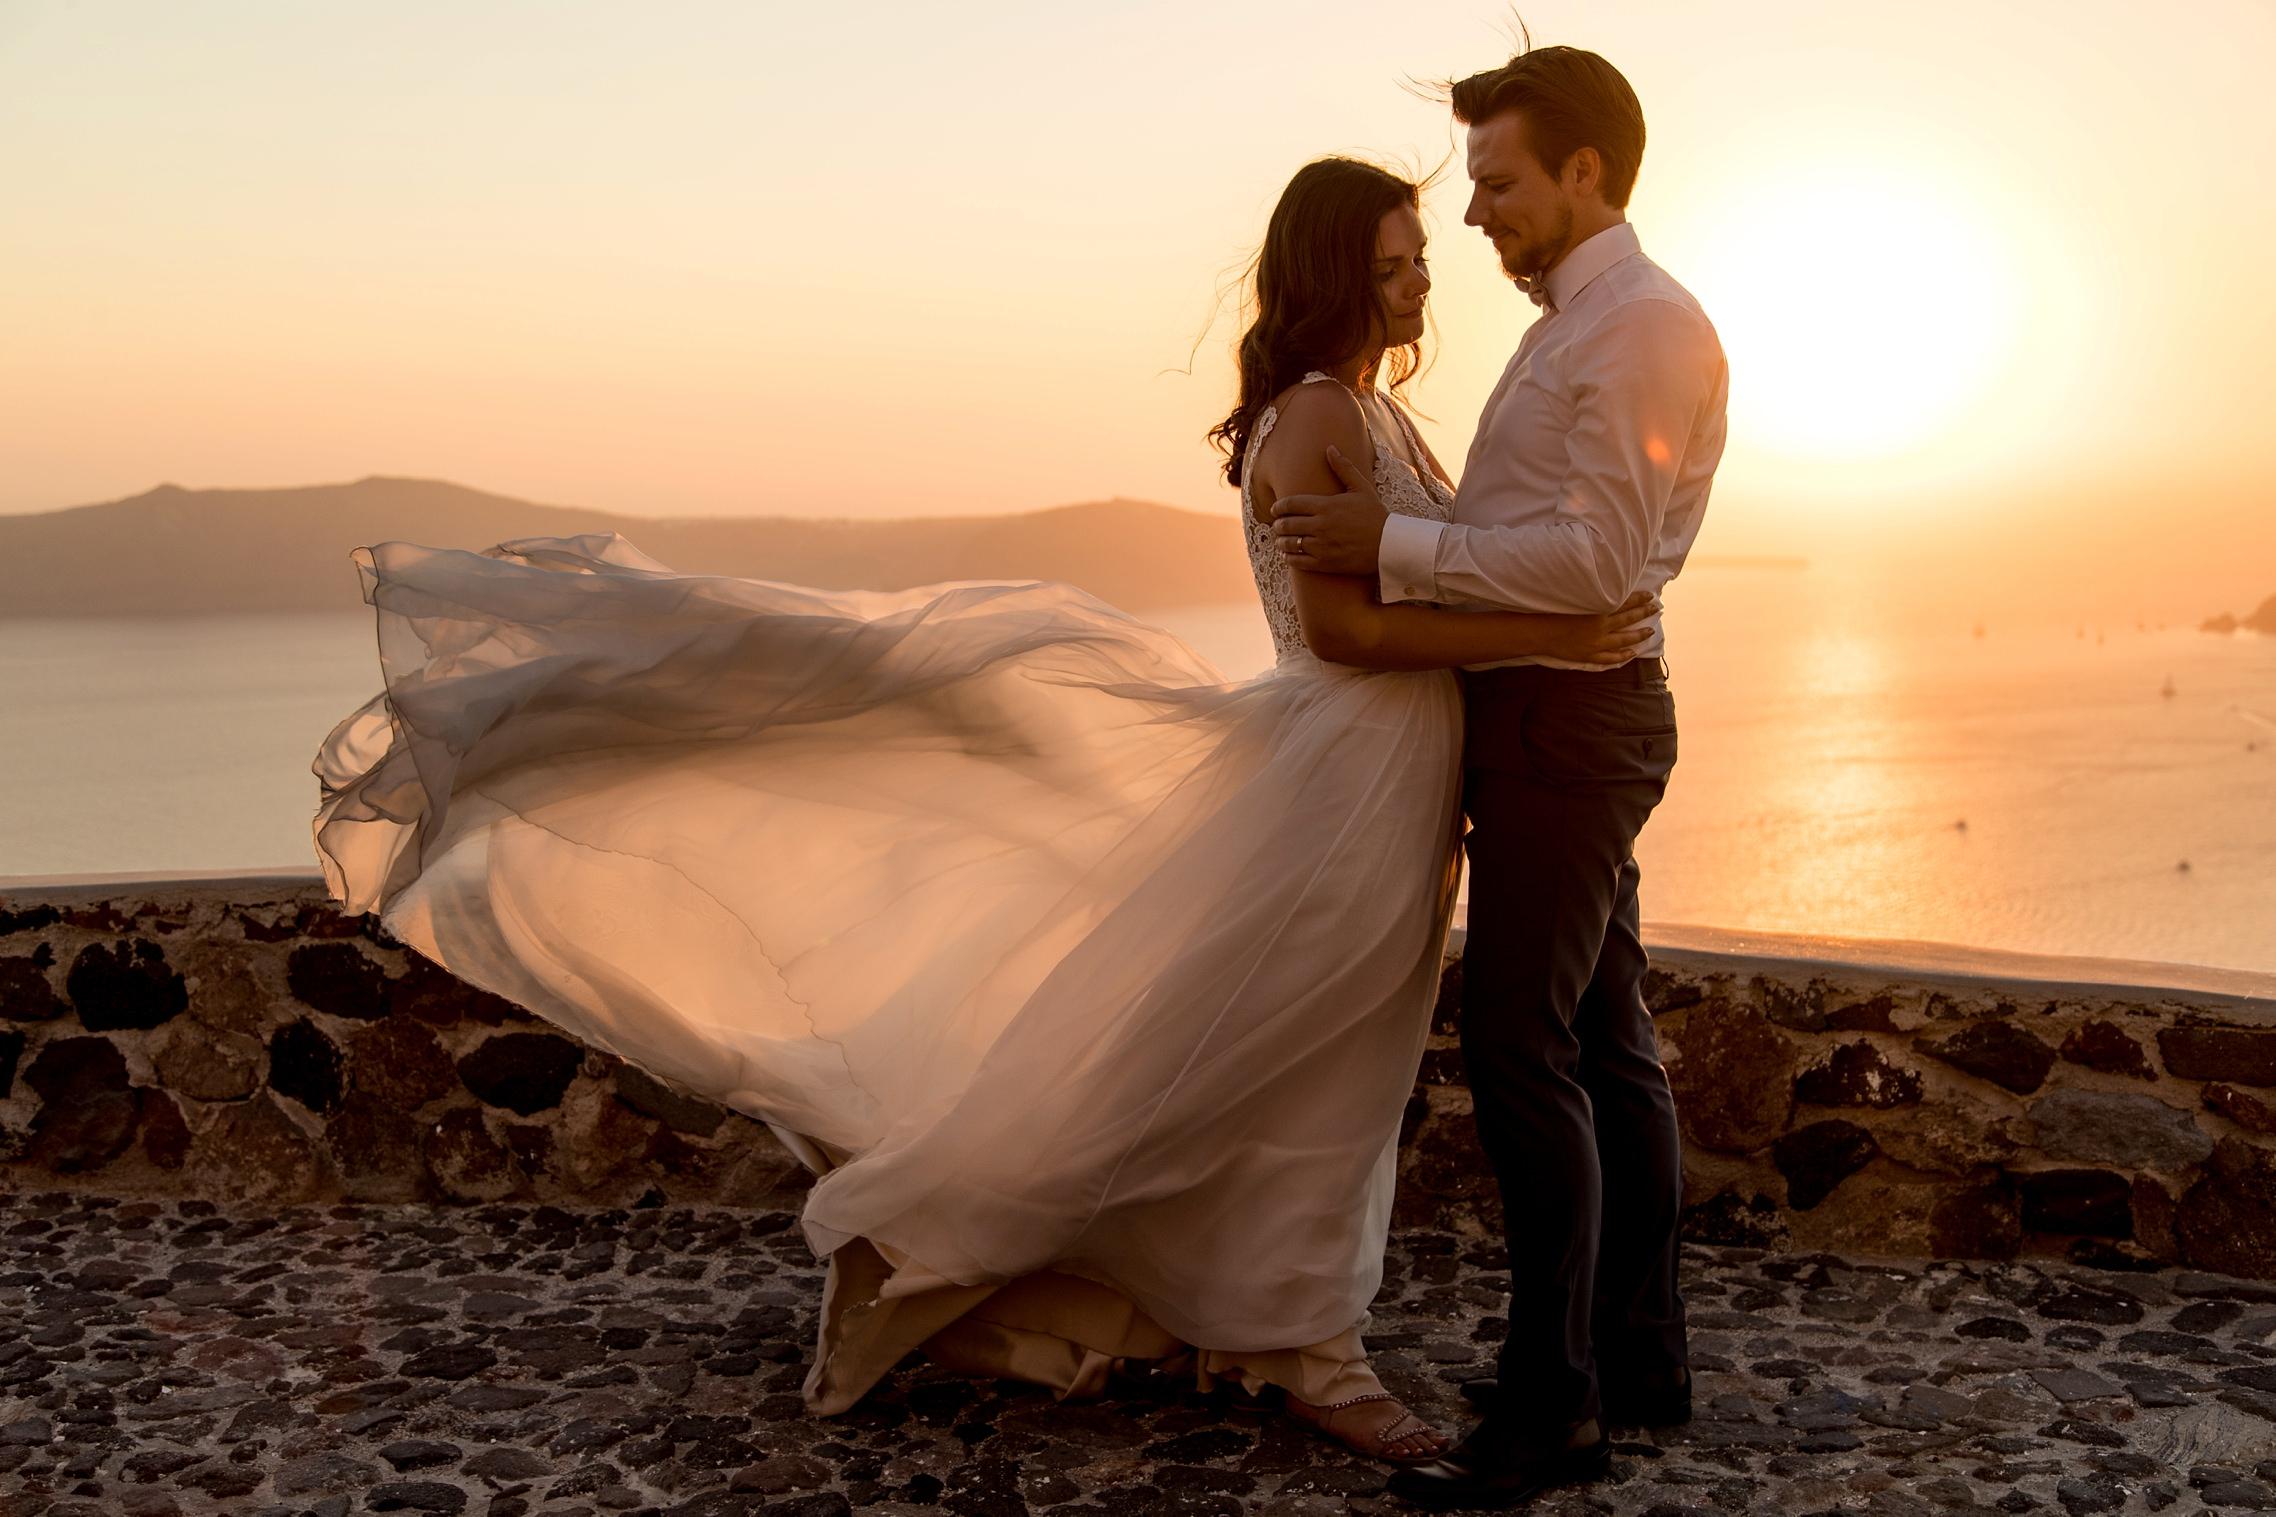 Fliegendes Brautkleid während des Sonnenunterganges beim After-Wedding-Shooting Santorini.